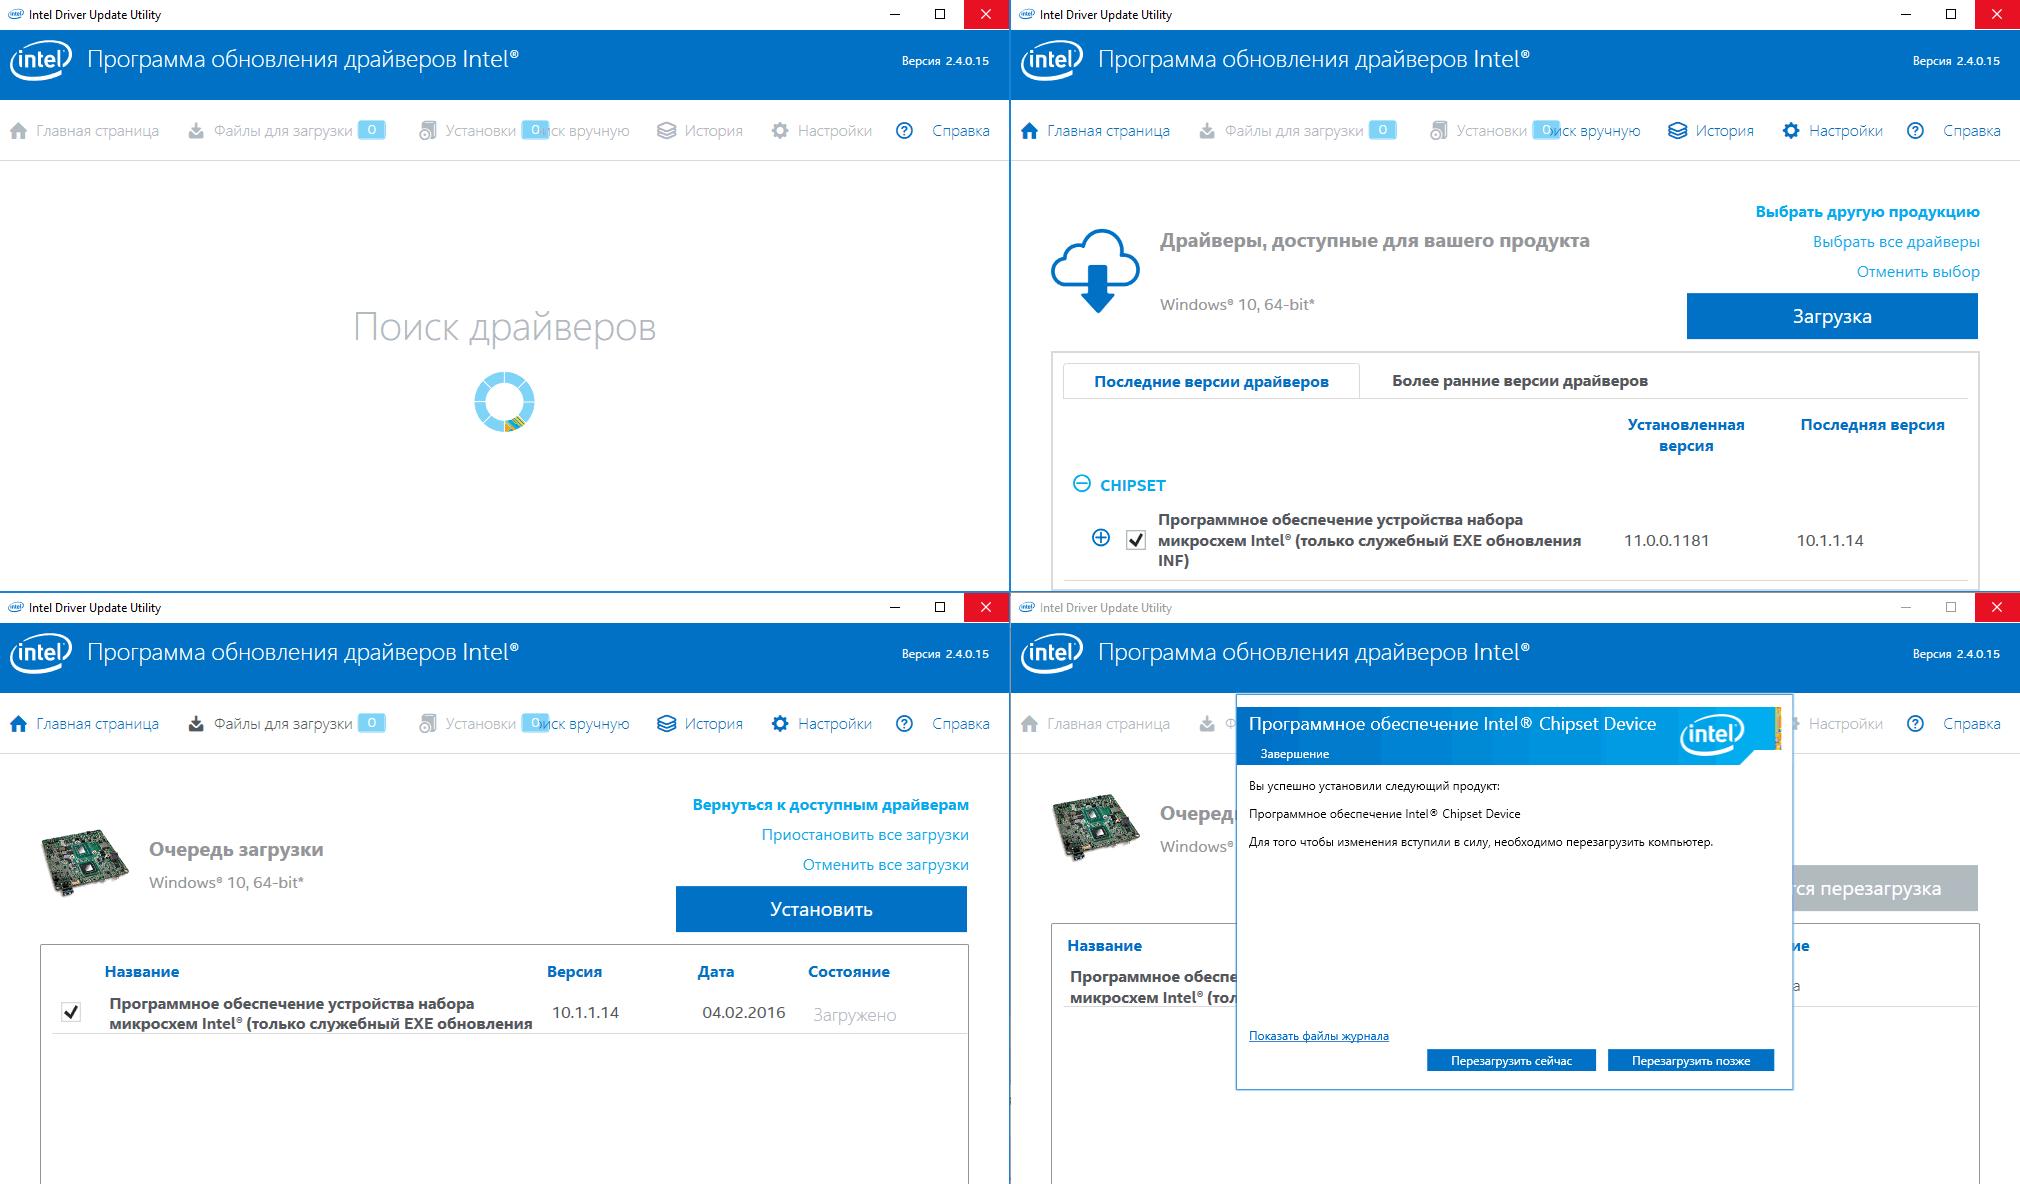 Программа обновления драйверов Intel